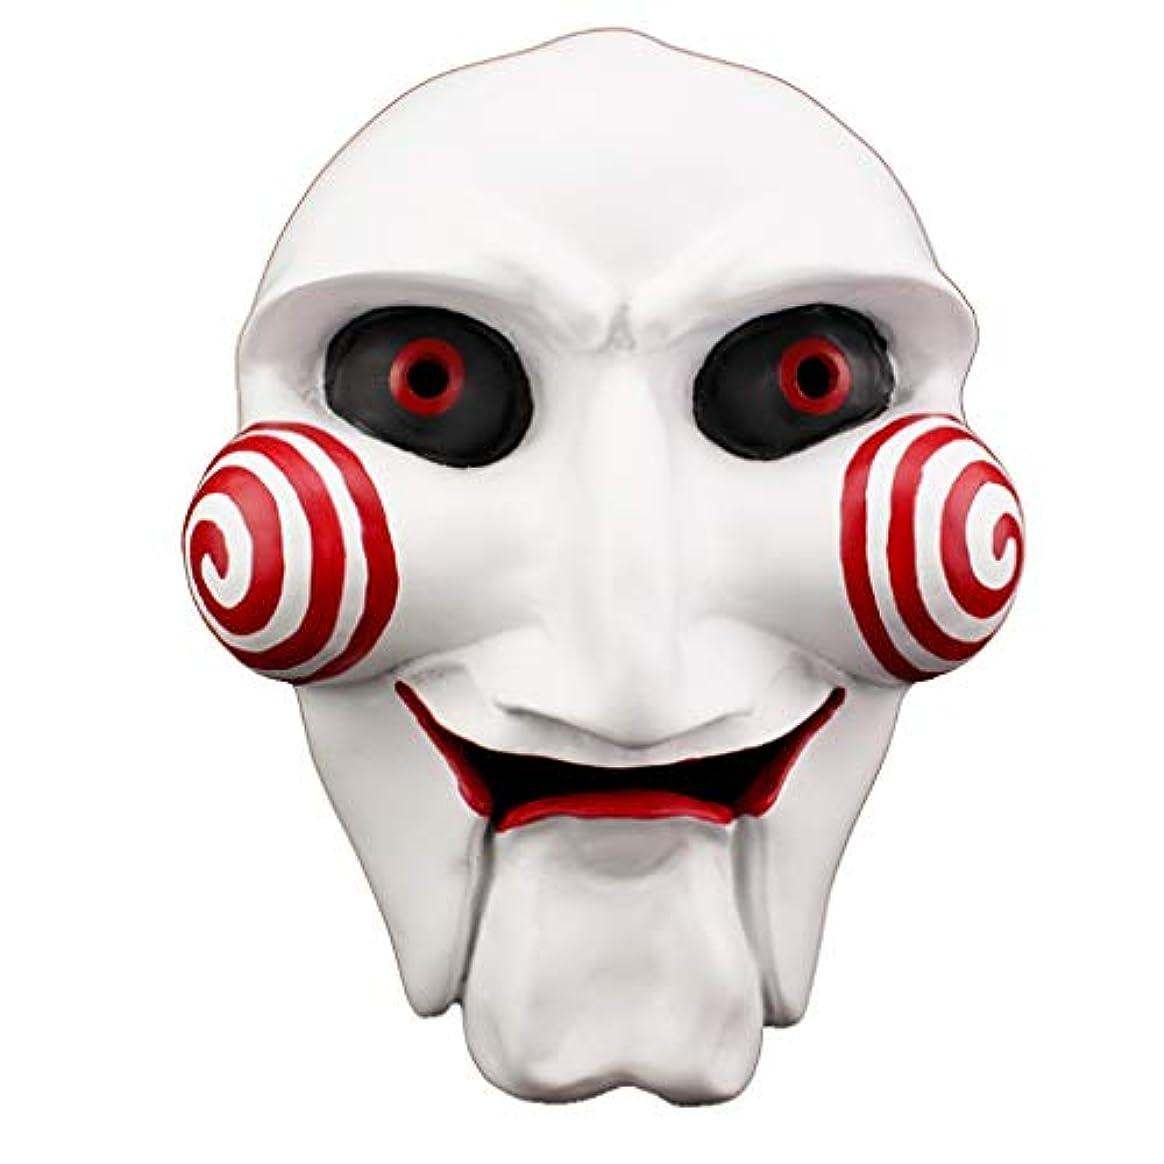 香りアルコール落ち着くハロウィンホラーマスク、チェーンソークリプトテーママスクマスカレード樹脂マスク(22.5 * 12 cm)